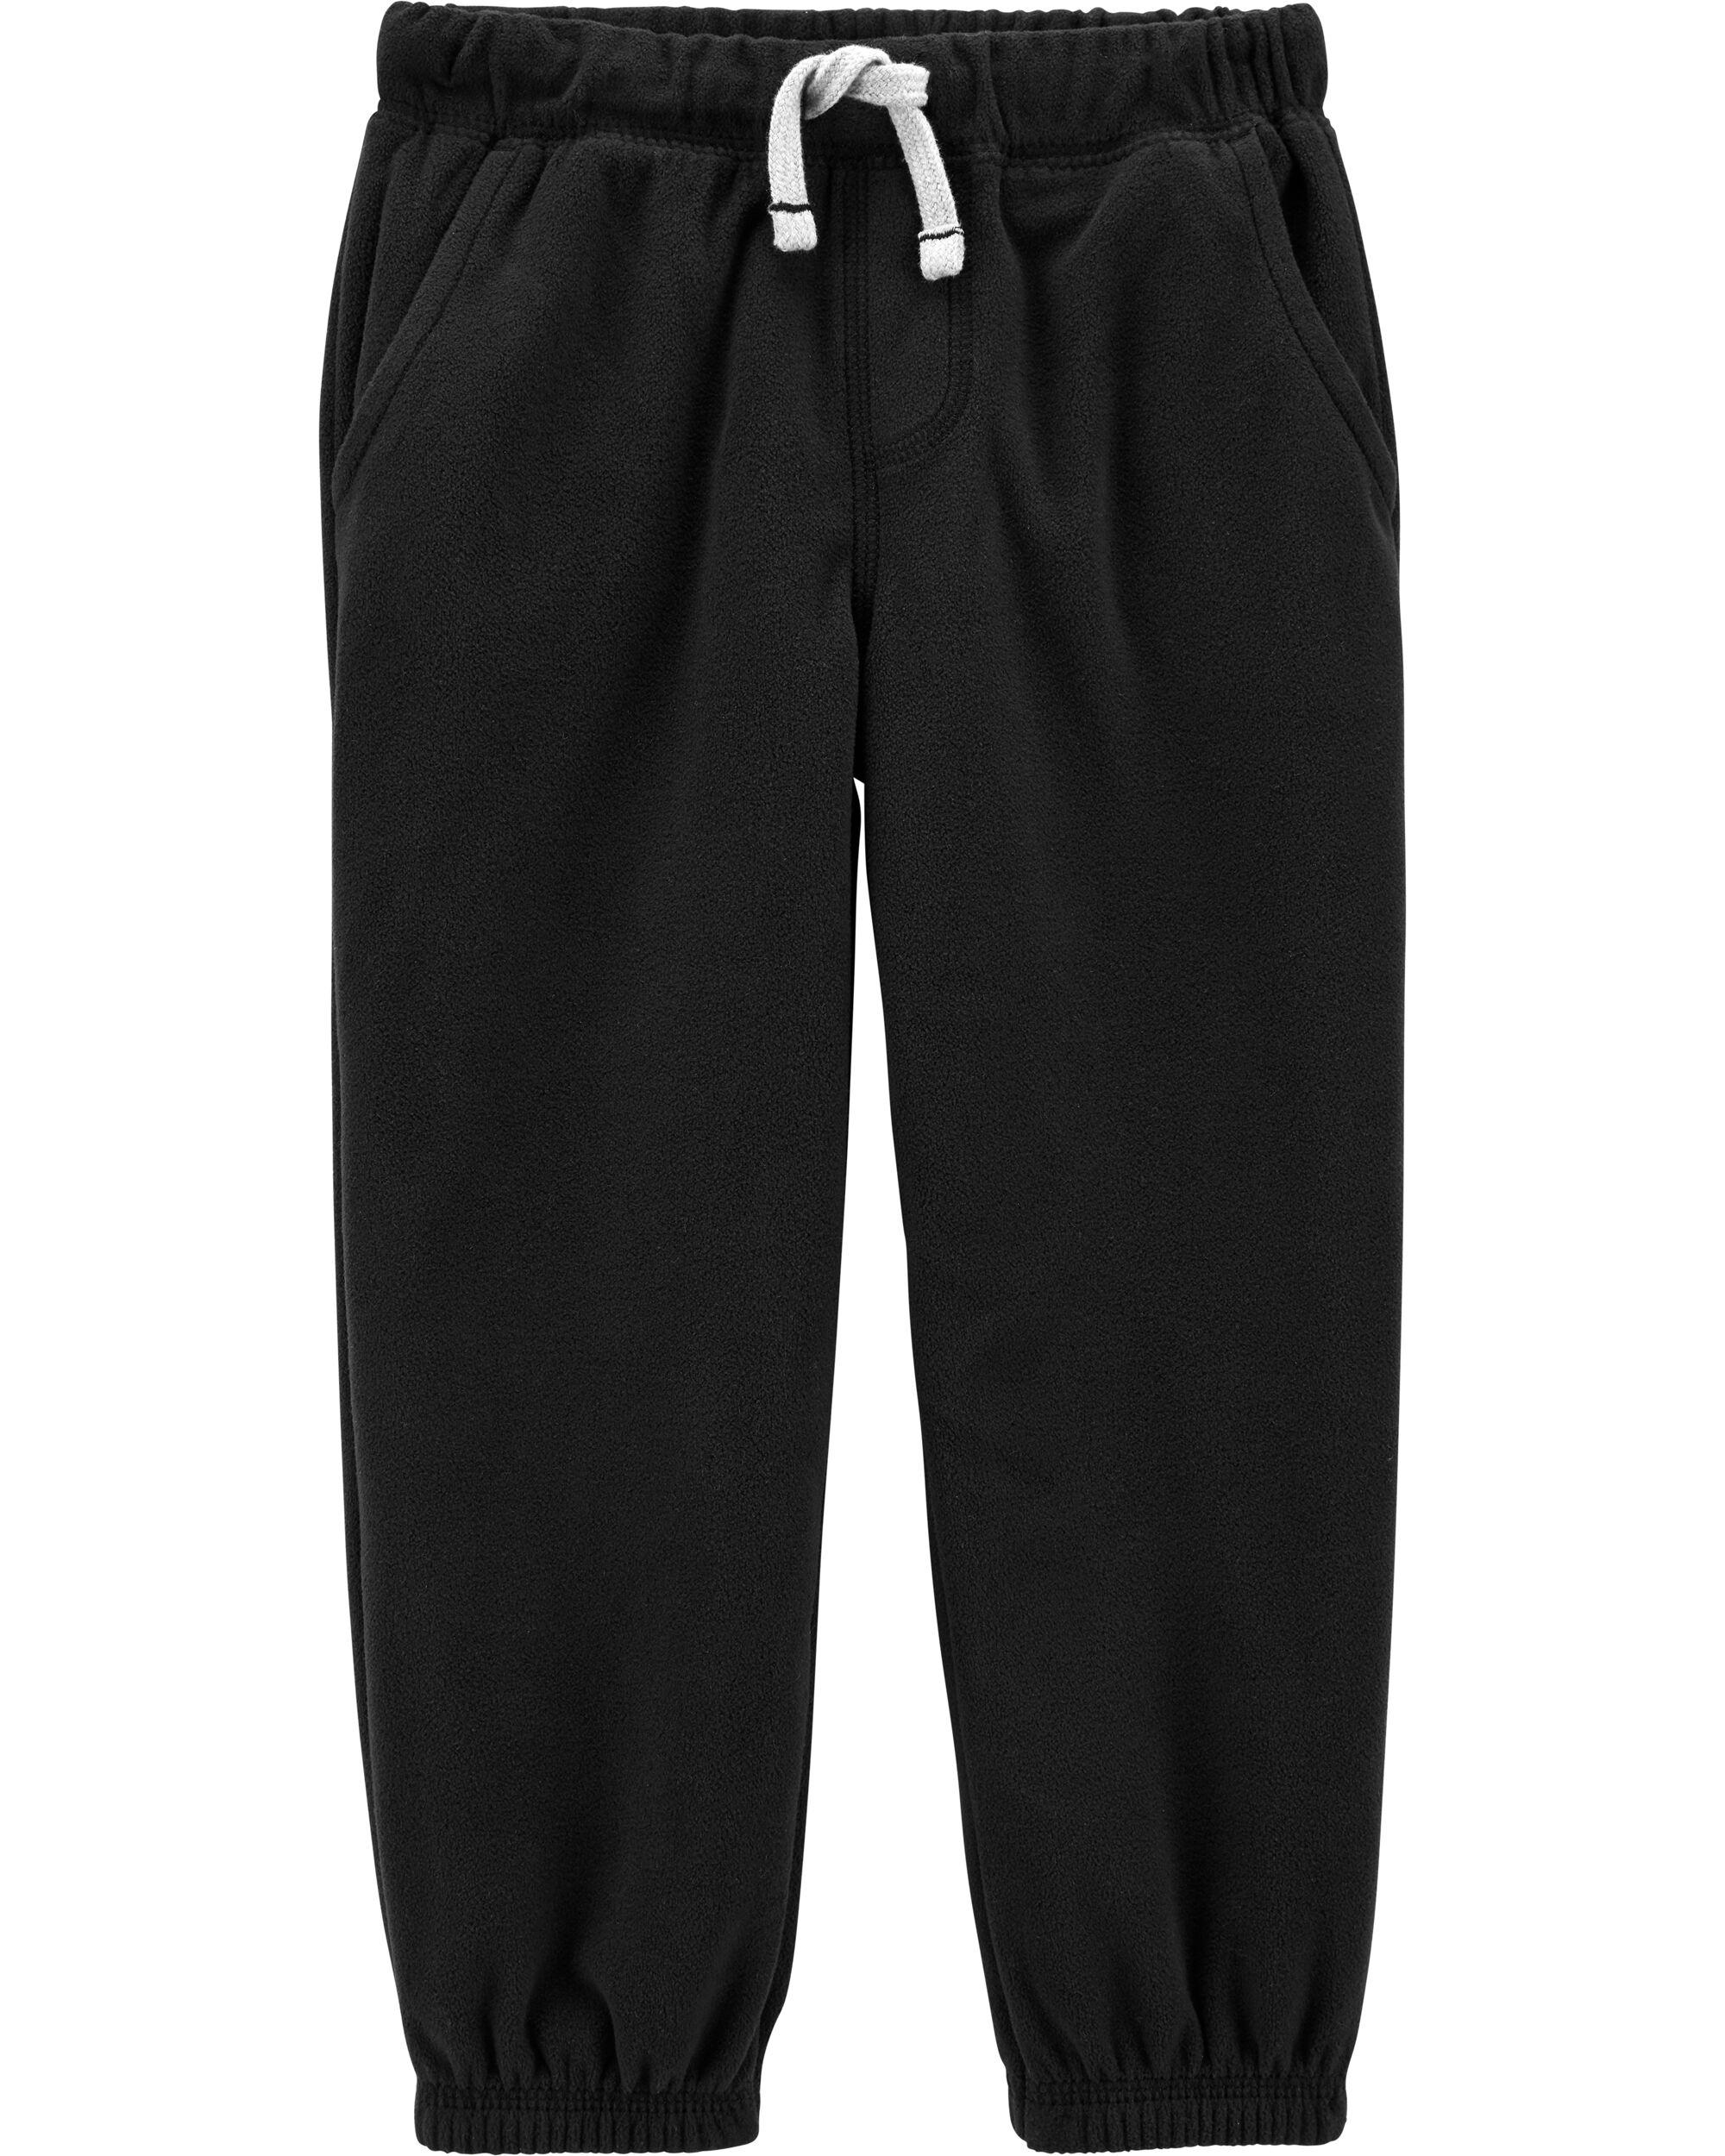 *DOORBUSTER* Pull-On Fleece Sweatpants